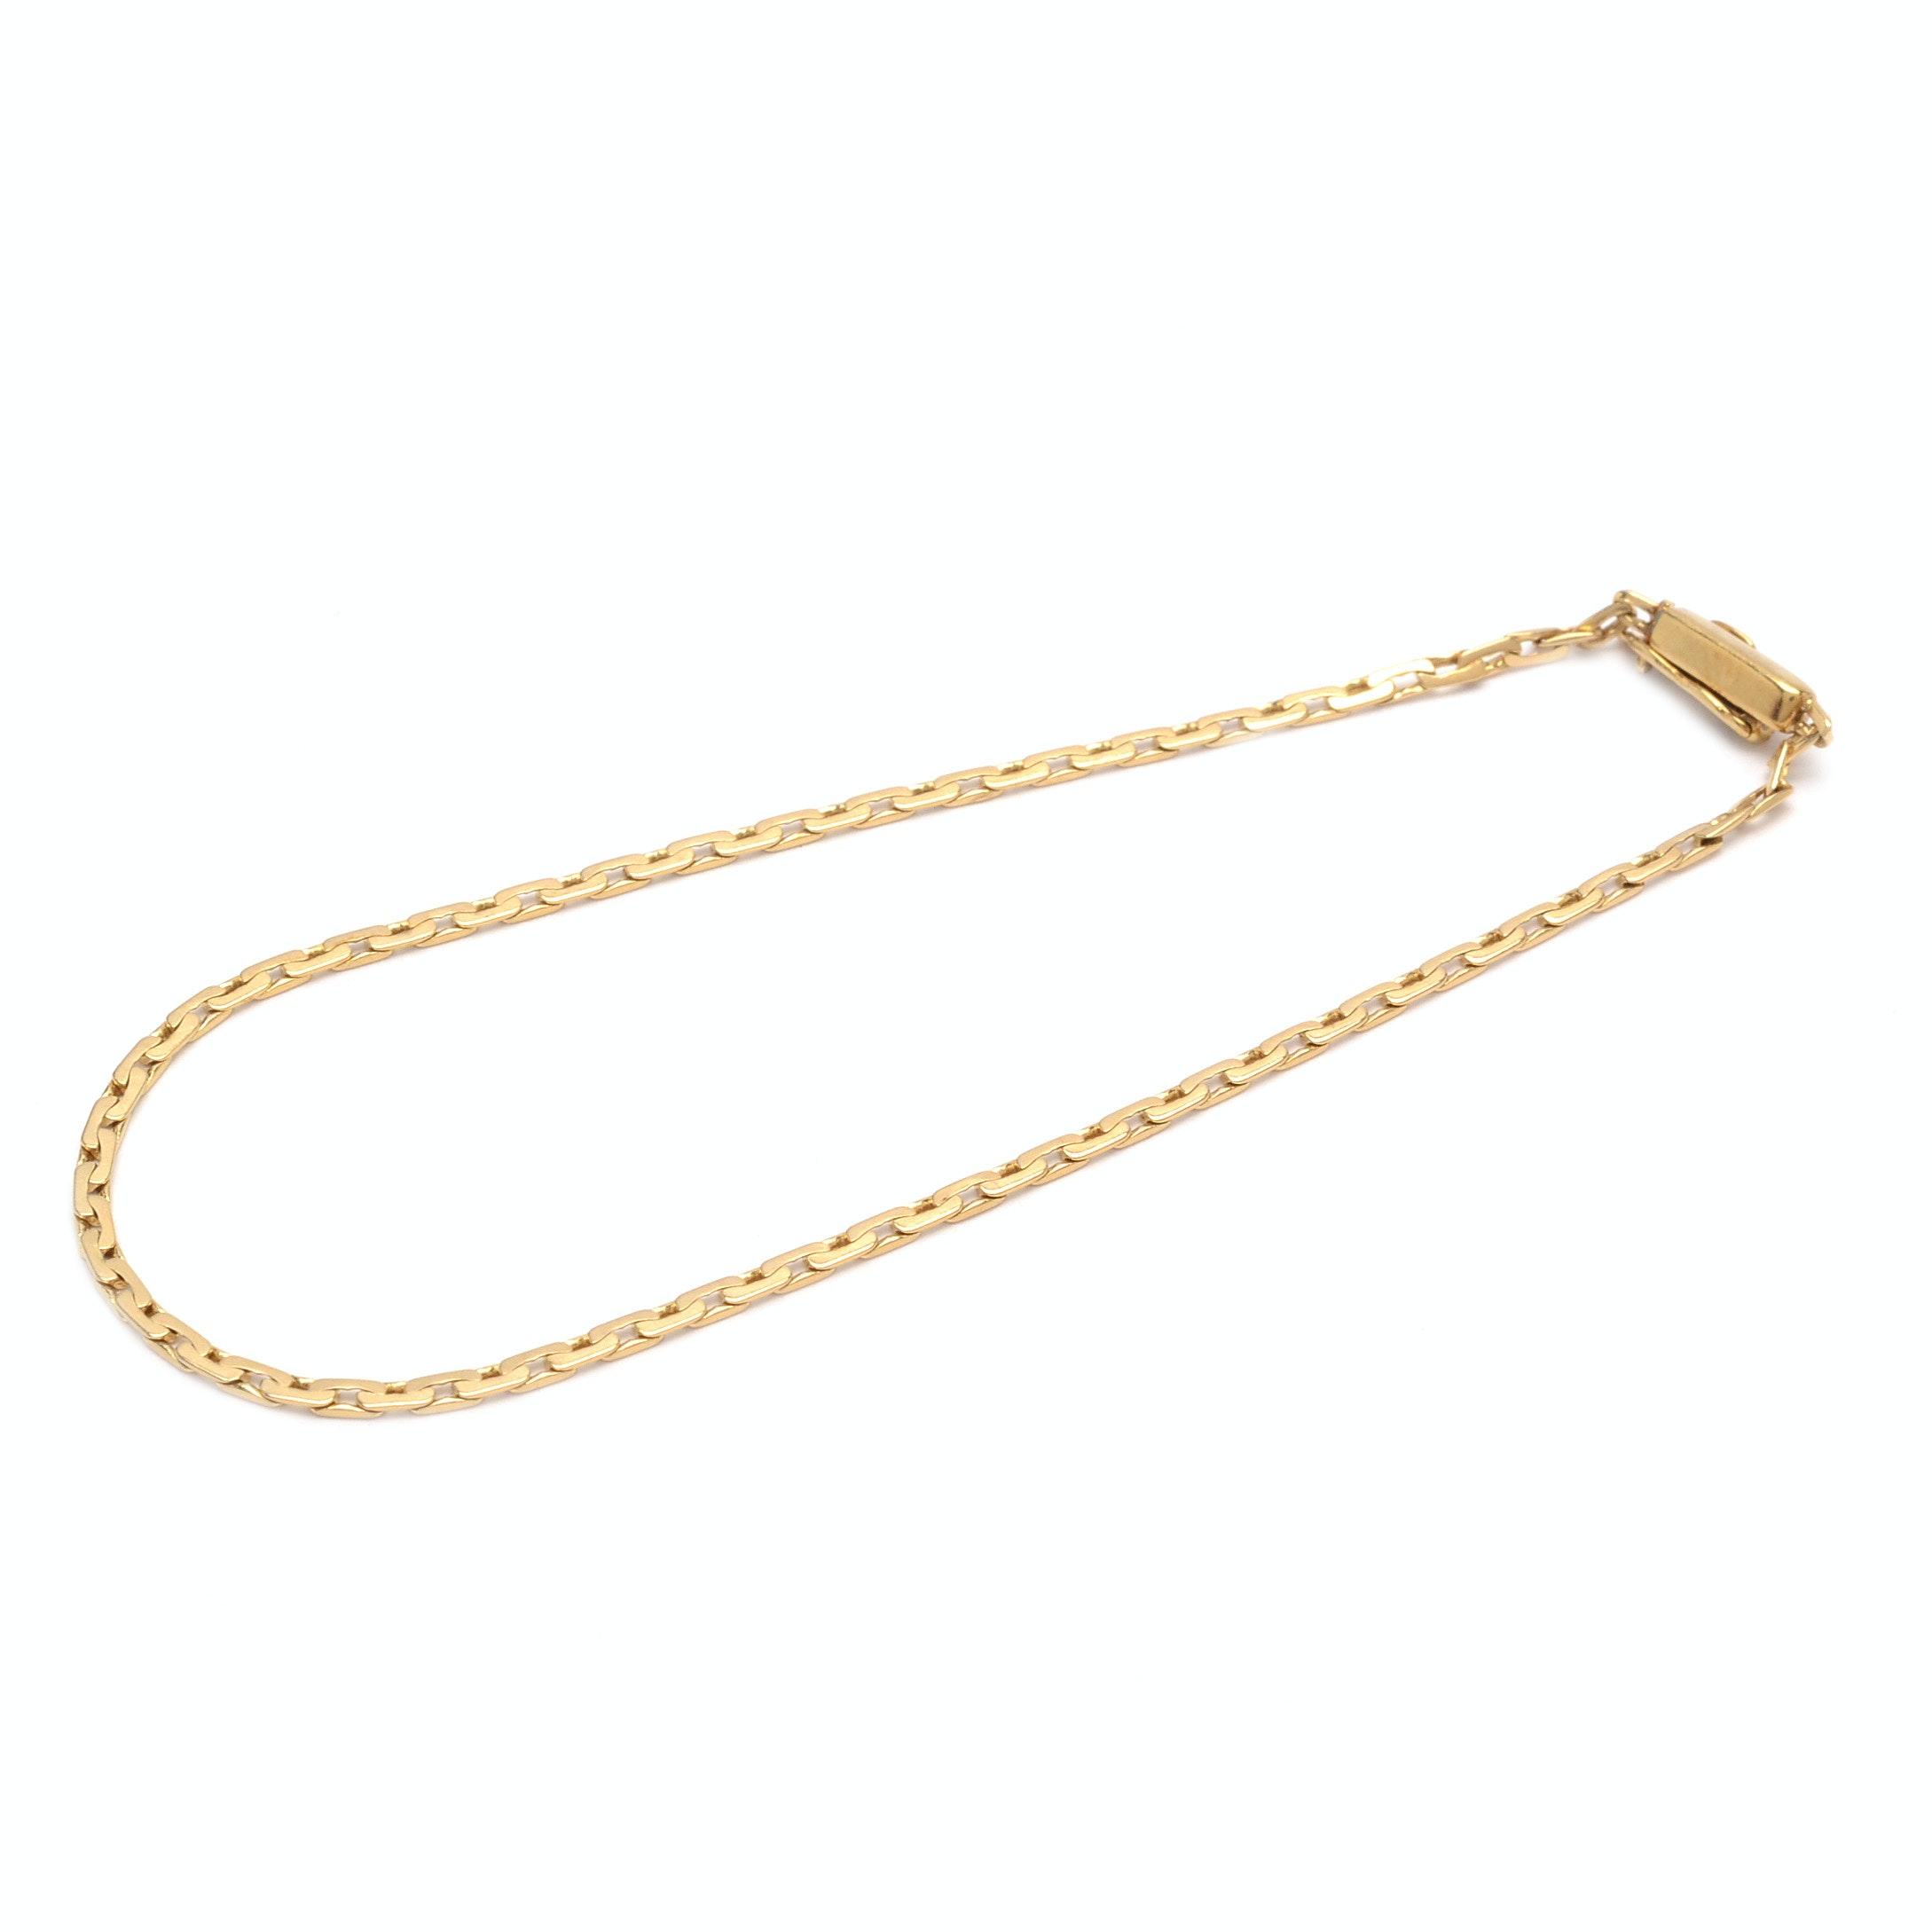 14K Yellow Gold Fancy Chain Bracelet